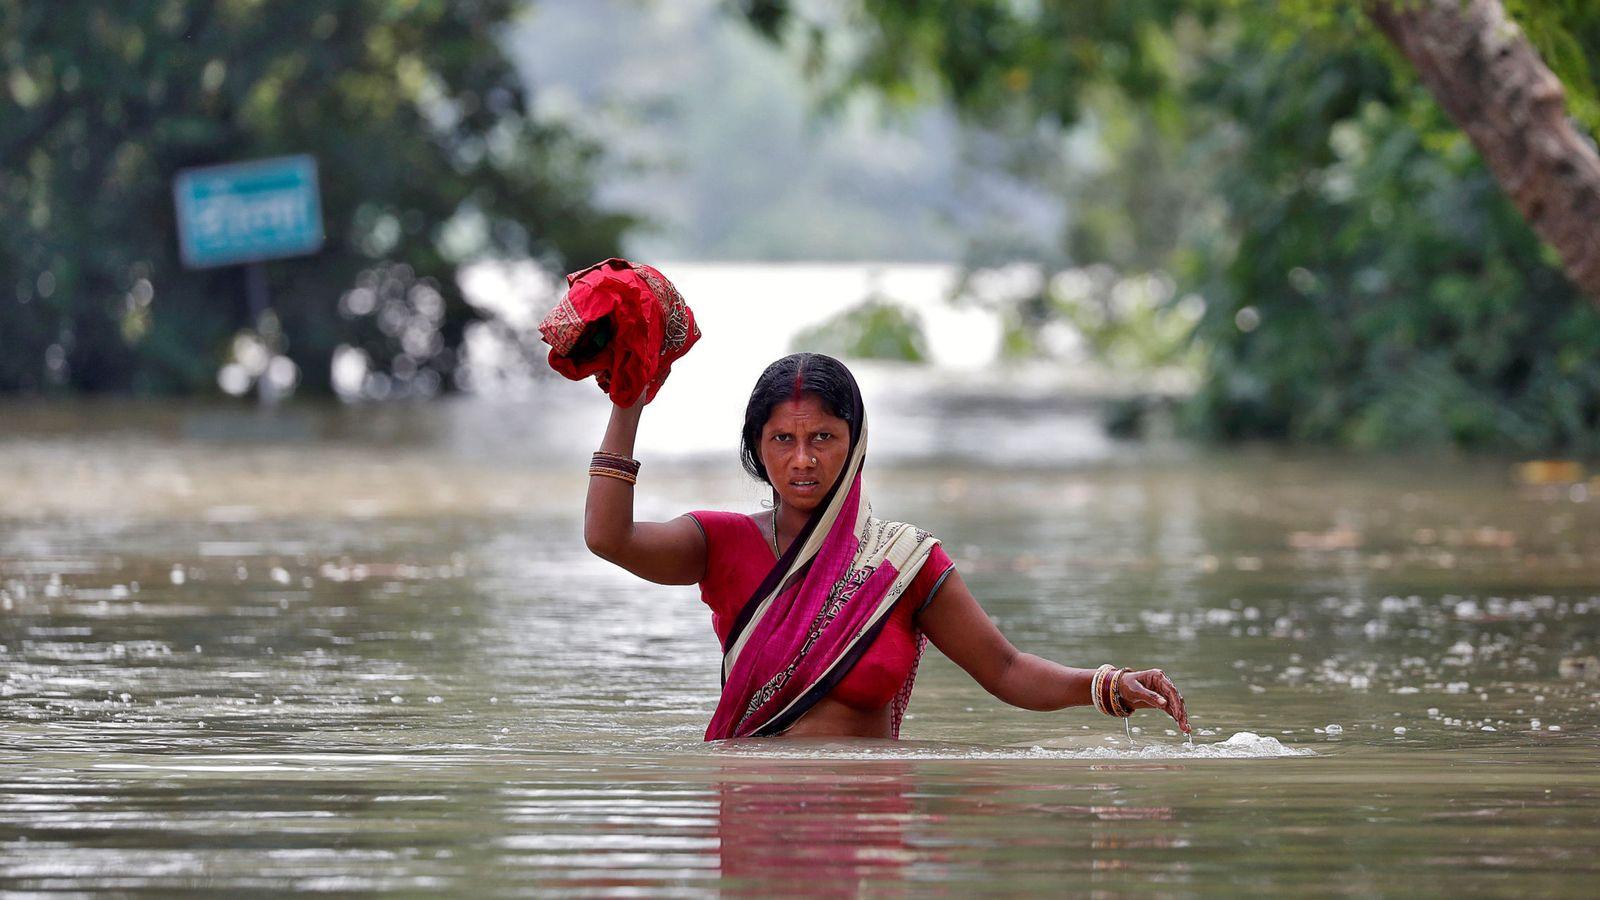 Foto: Una mujer atraviesa una aldea de Bihar, India, anegada tras las inundaciones de la semana pasada. (Reuters)